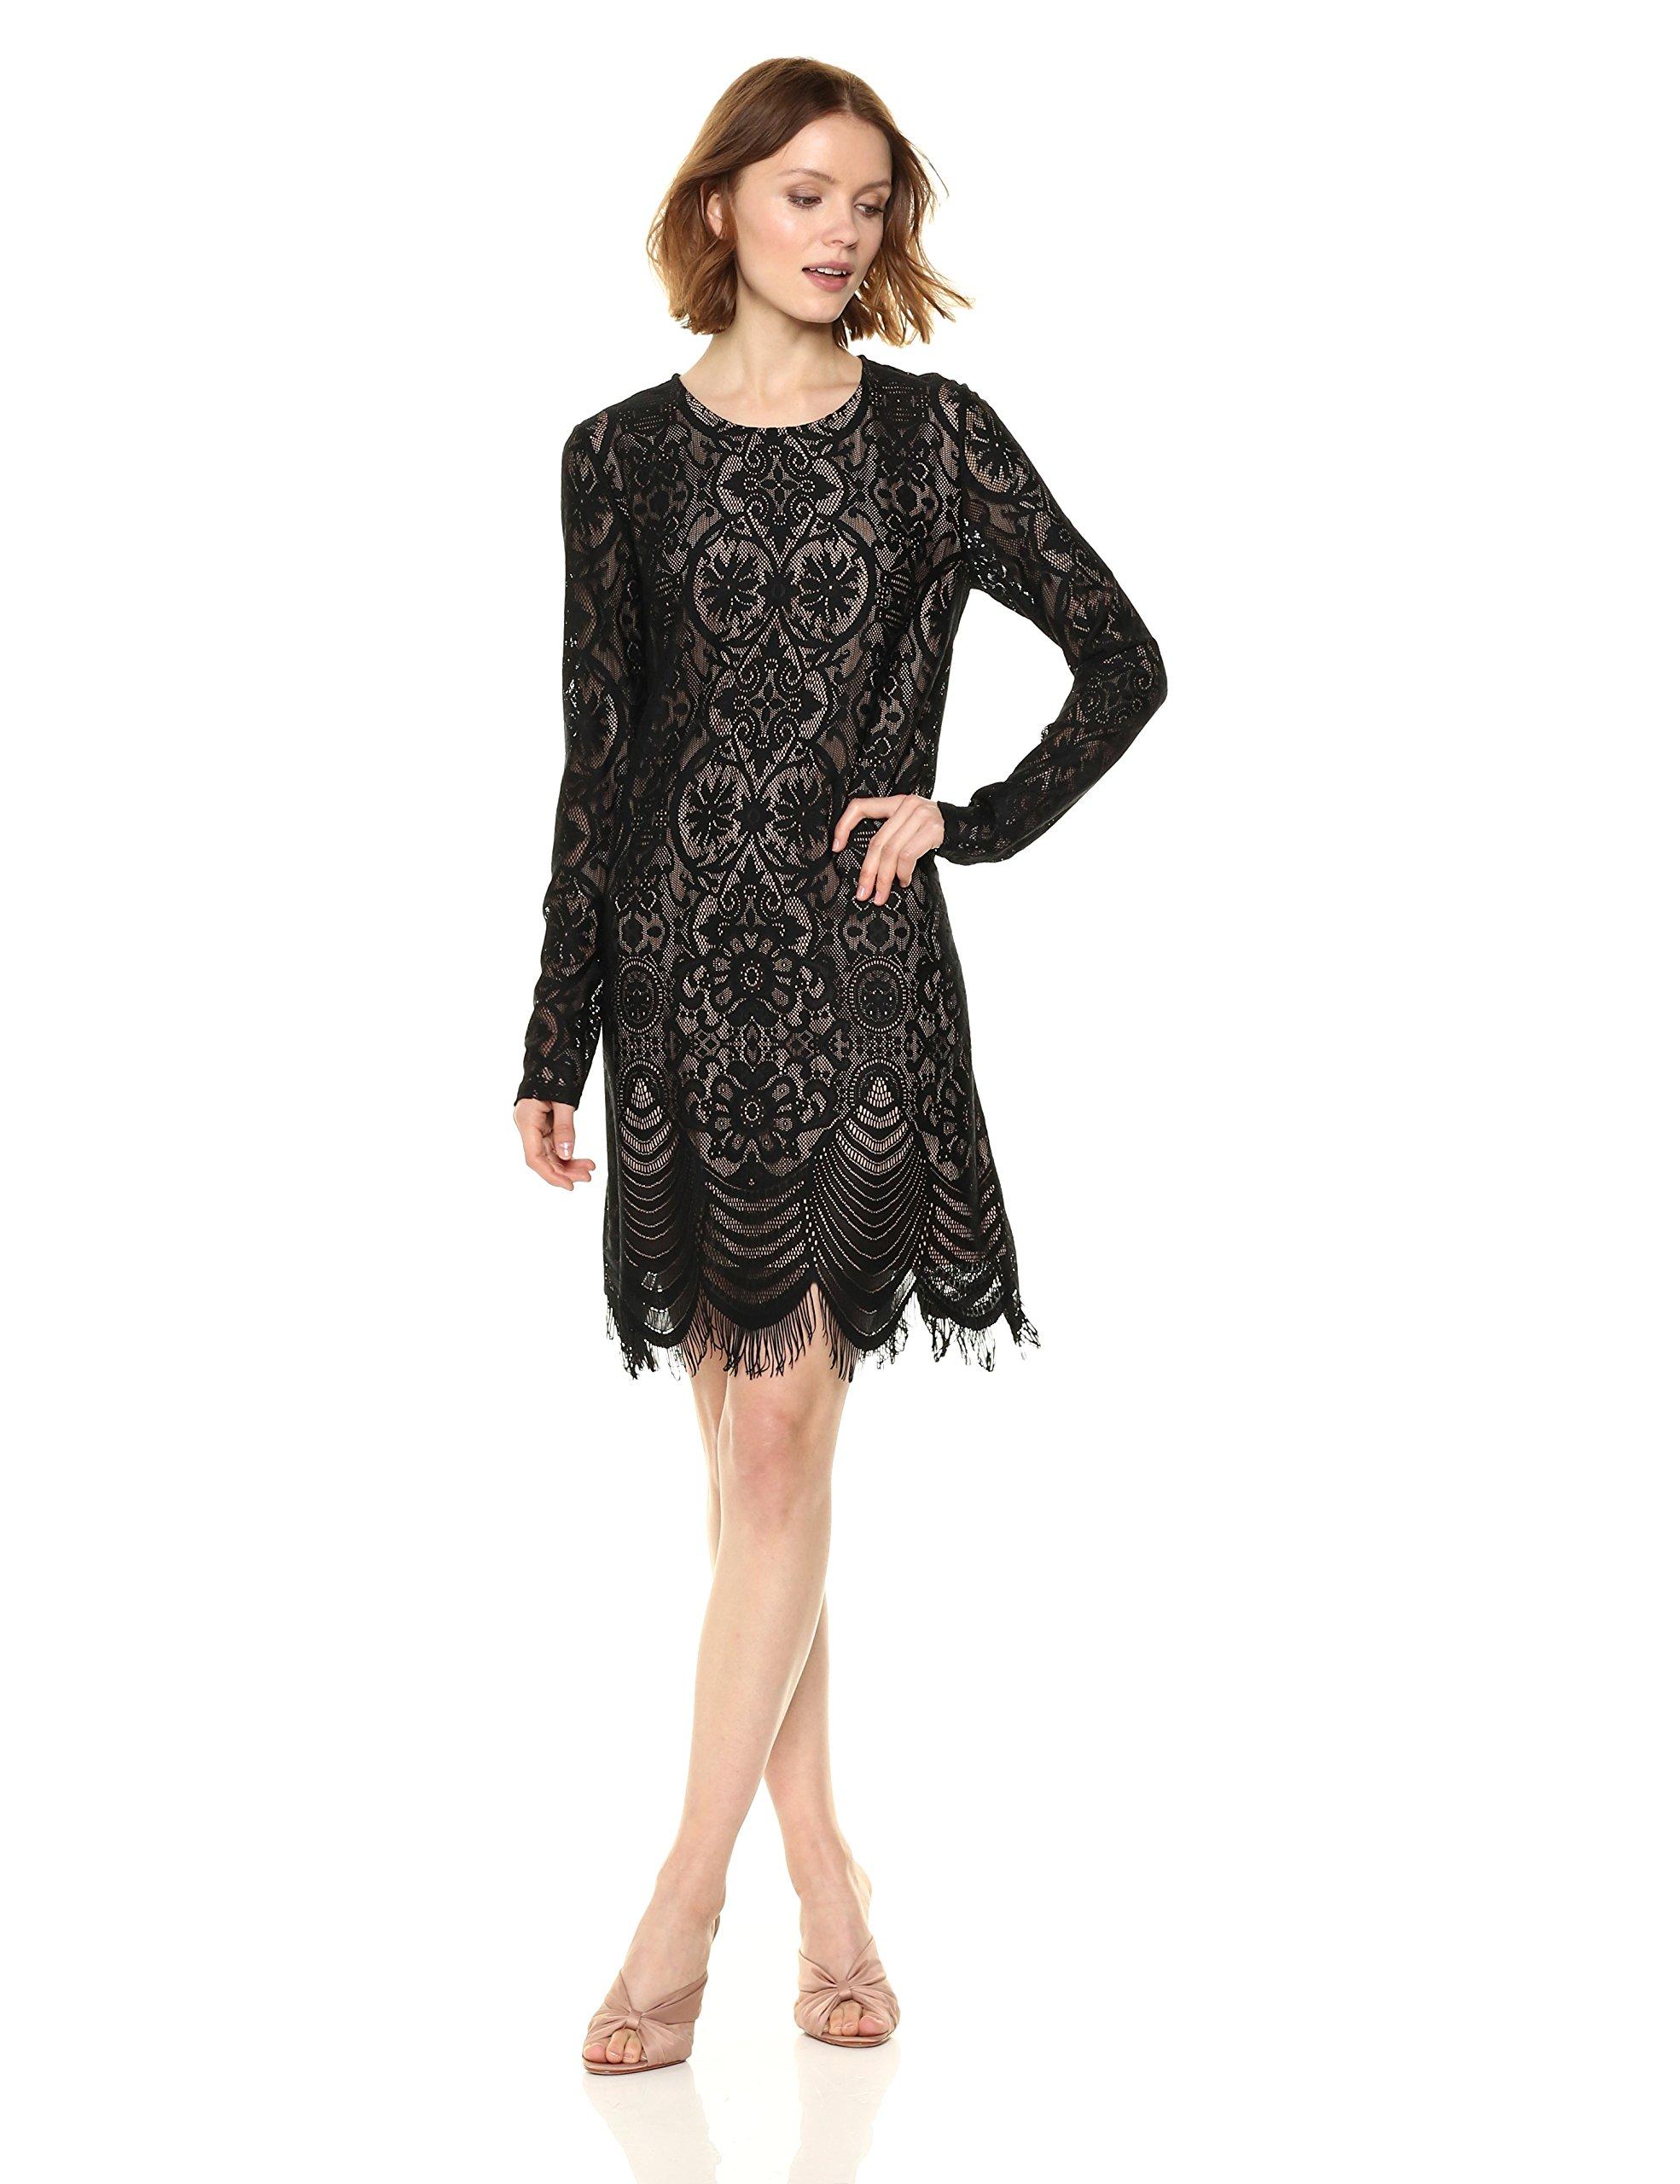 BCBGMax Azria Women's Marae Knit Lace and Illusion Dress